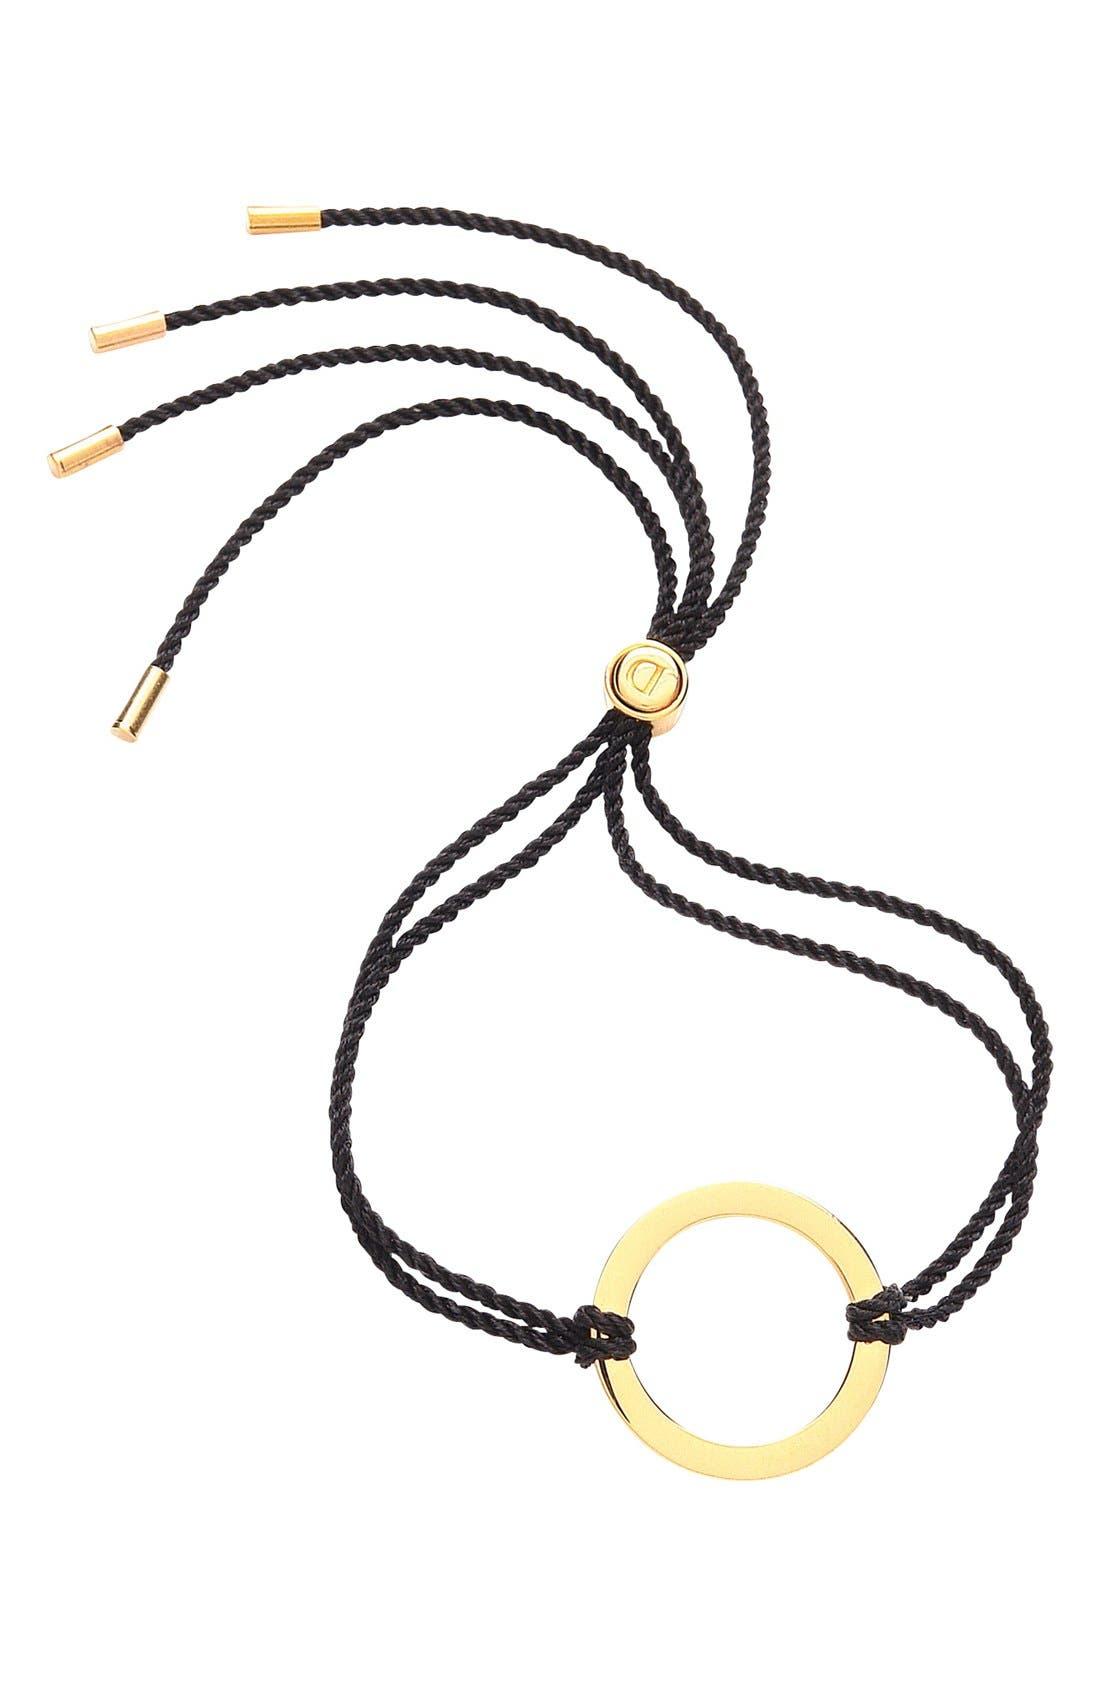 Main Image - Daisy London 'Aura Chakra' Cord Bracelet